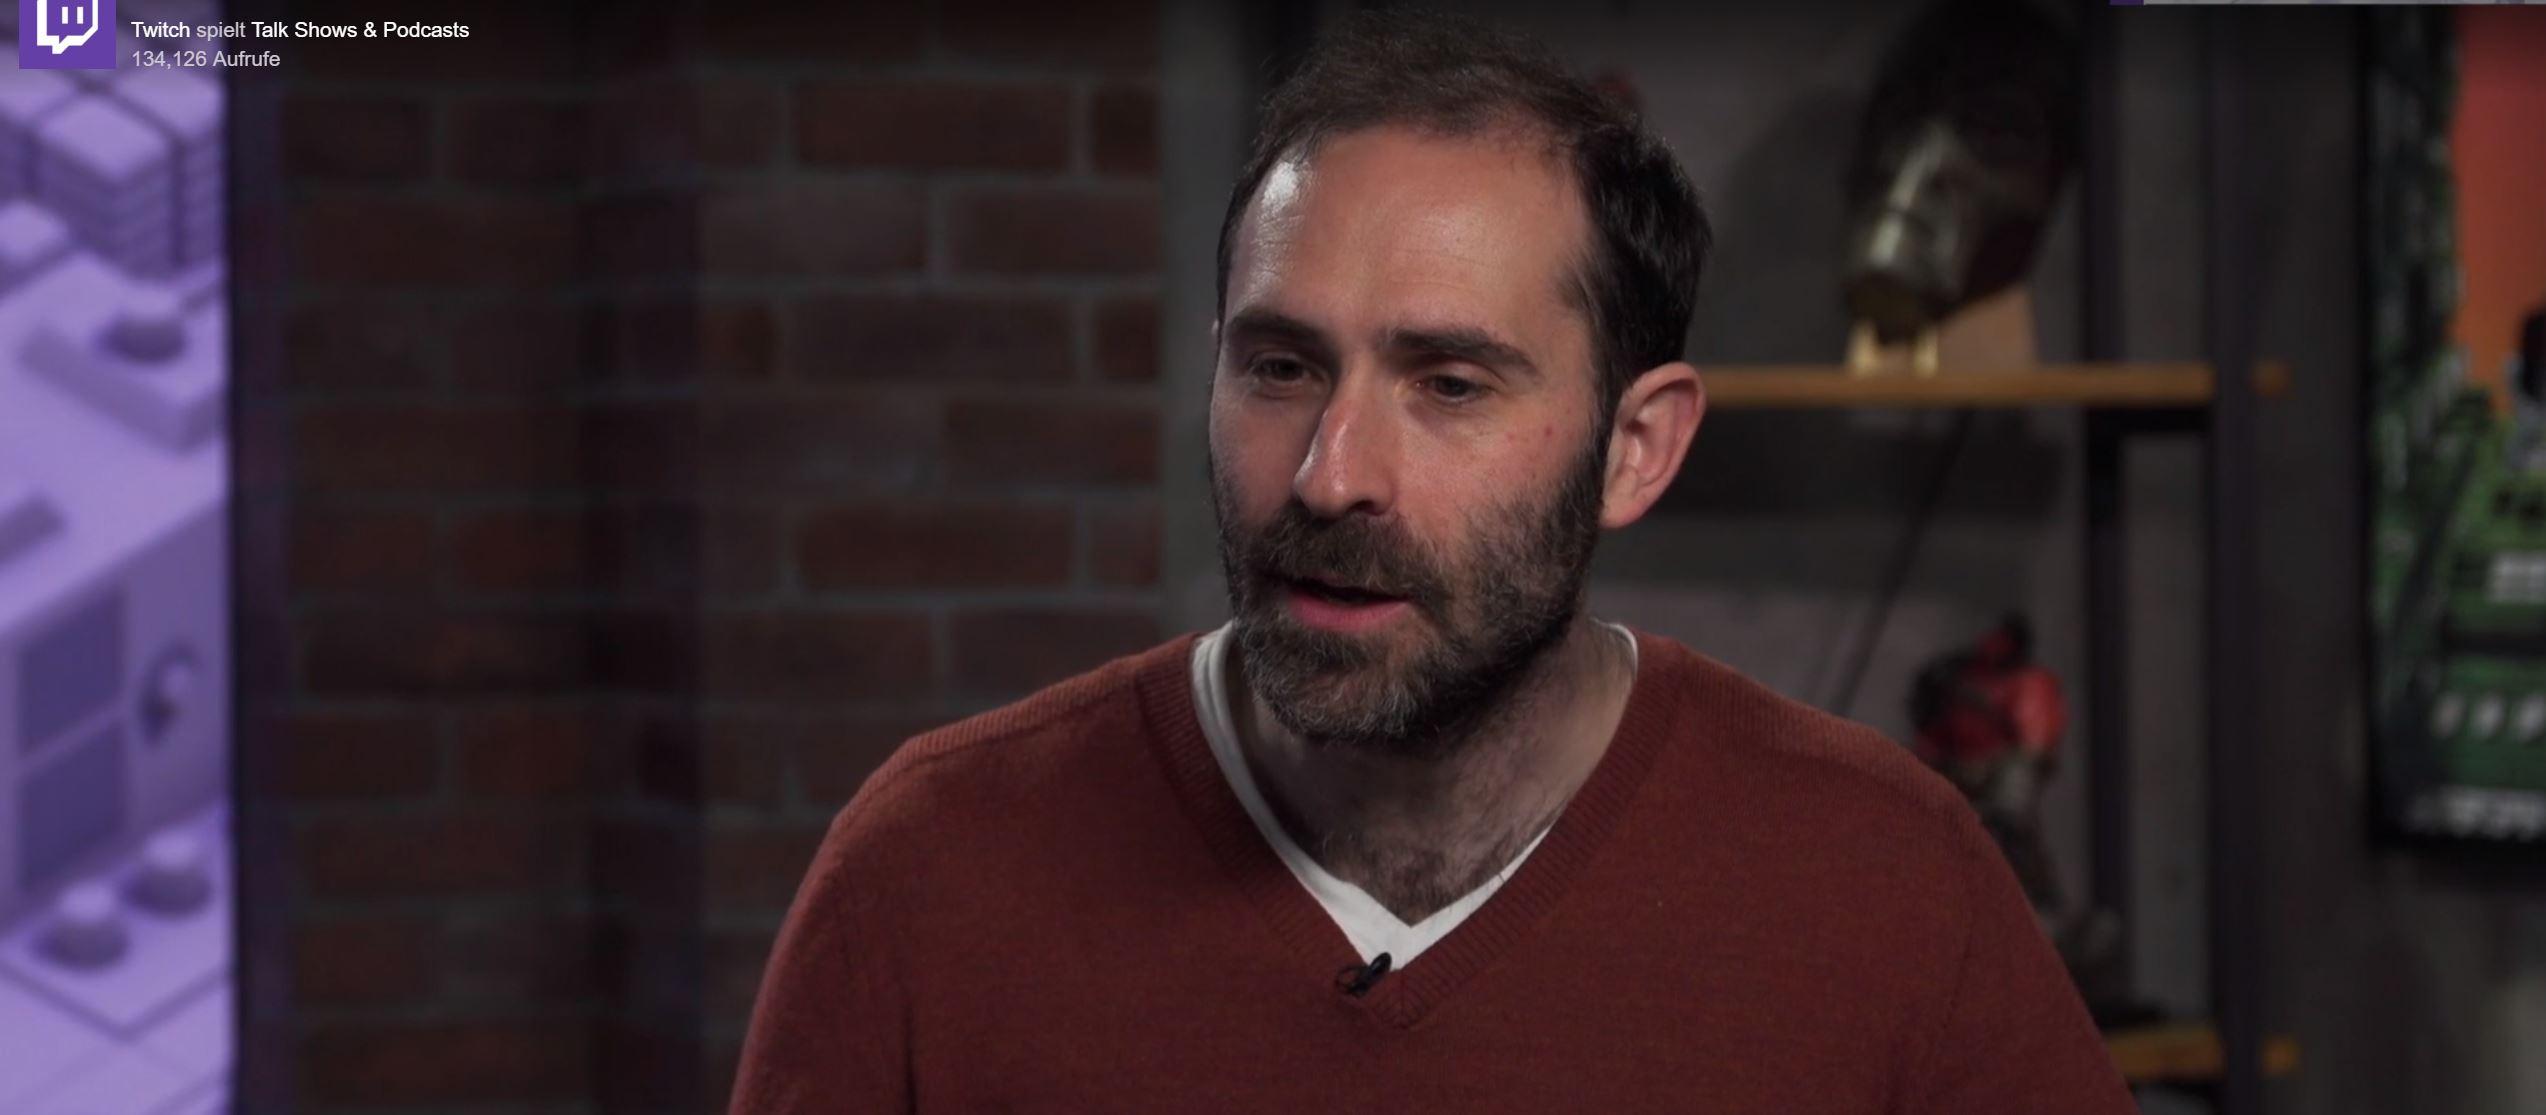 Twitch-Chef erklärt, wie übel sich Artikel 13 auf Streamer auswirken könnte